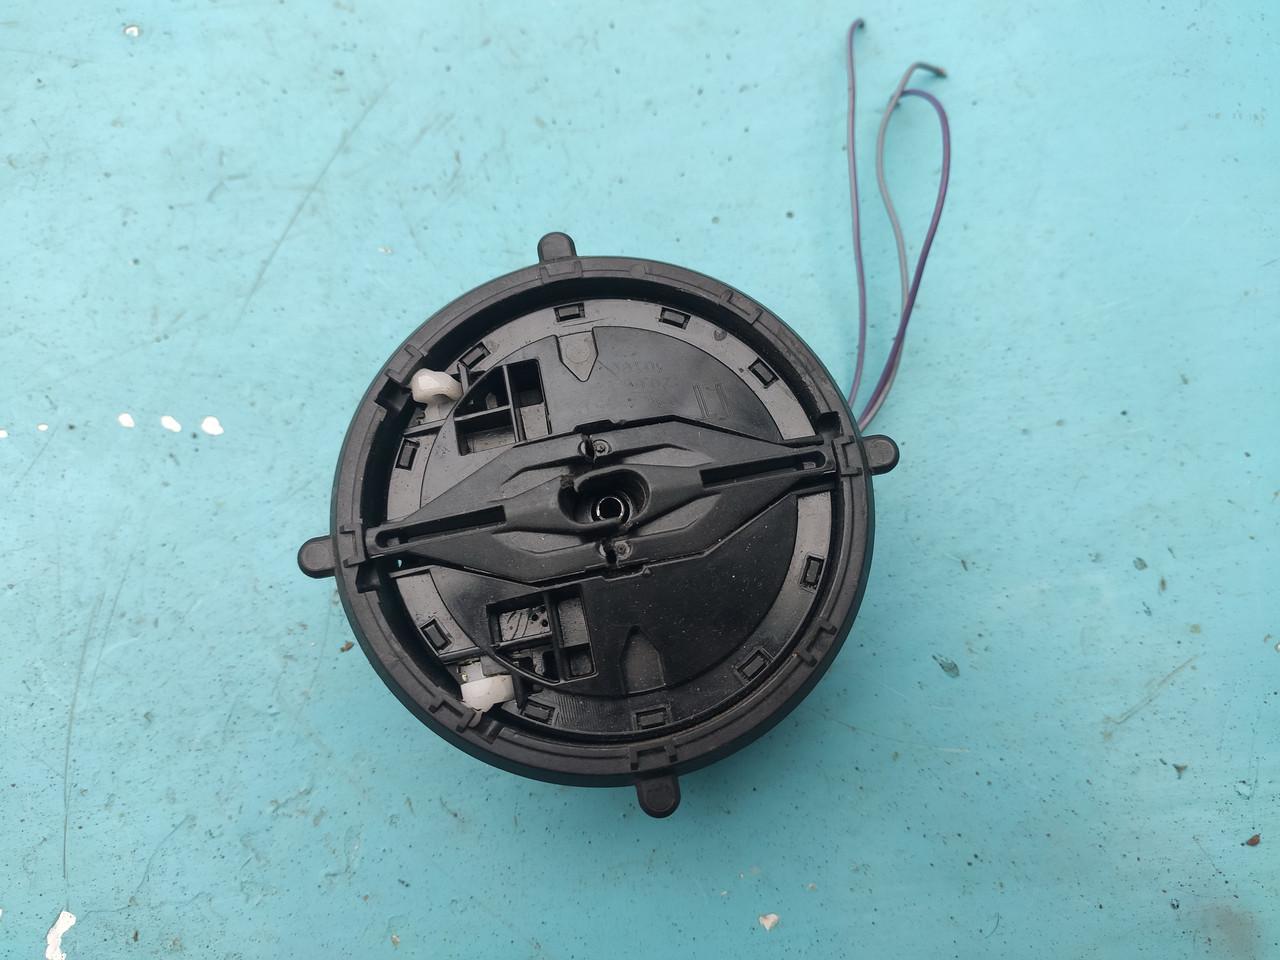 Моторчик регулювання дзеркала VW Caddy